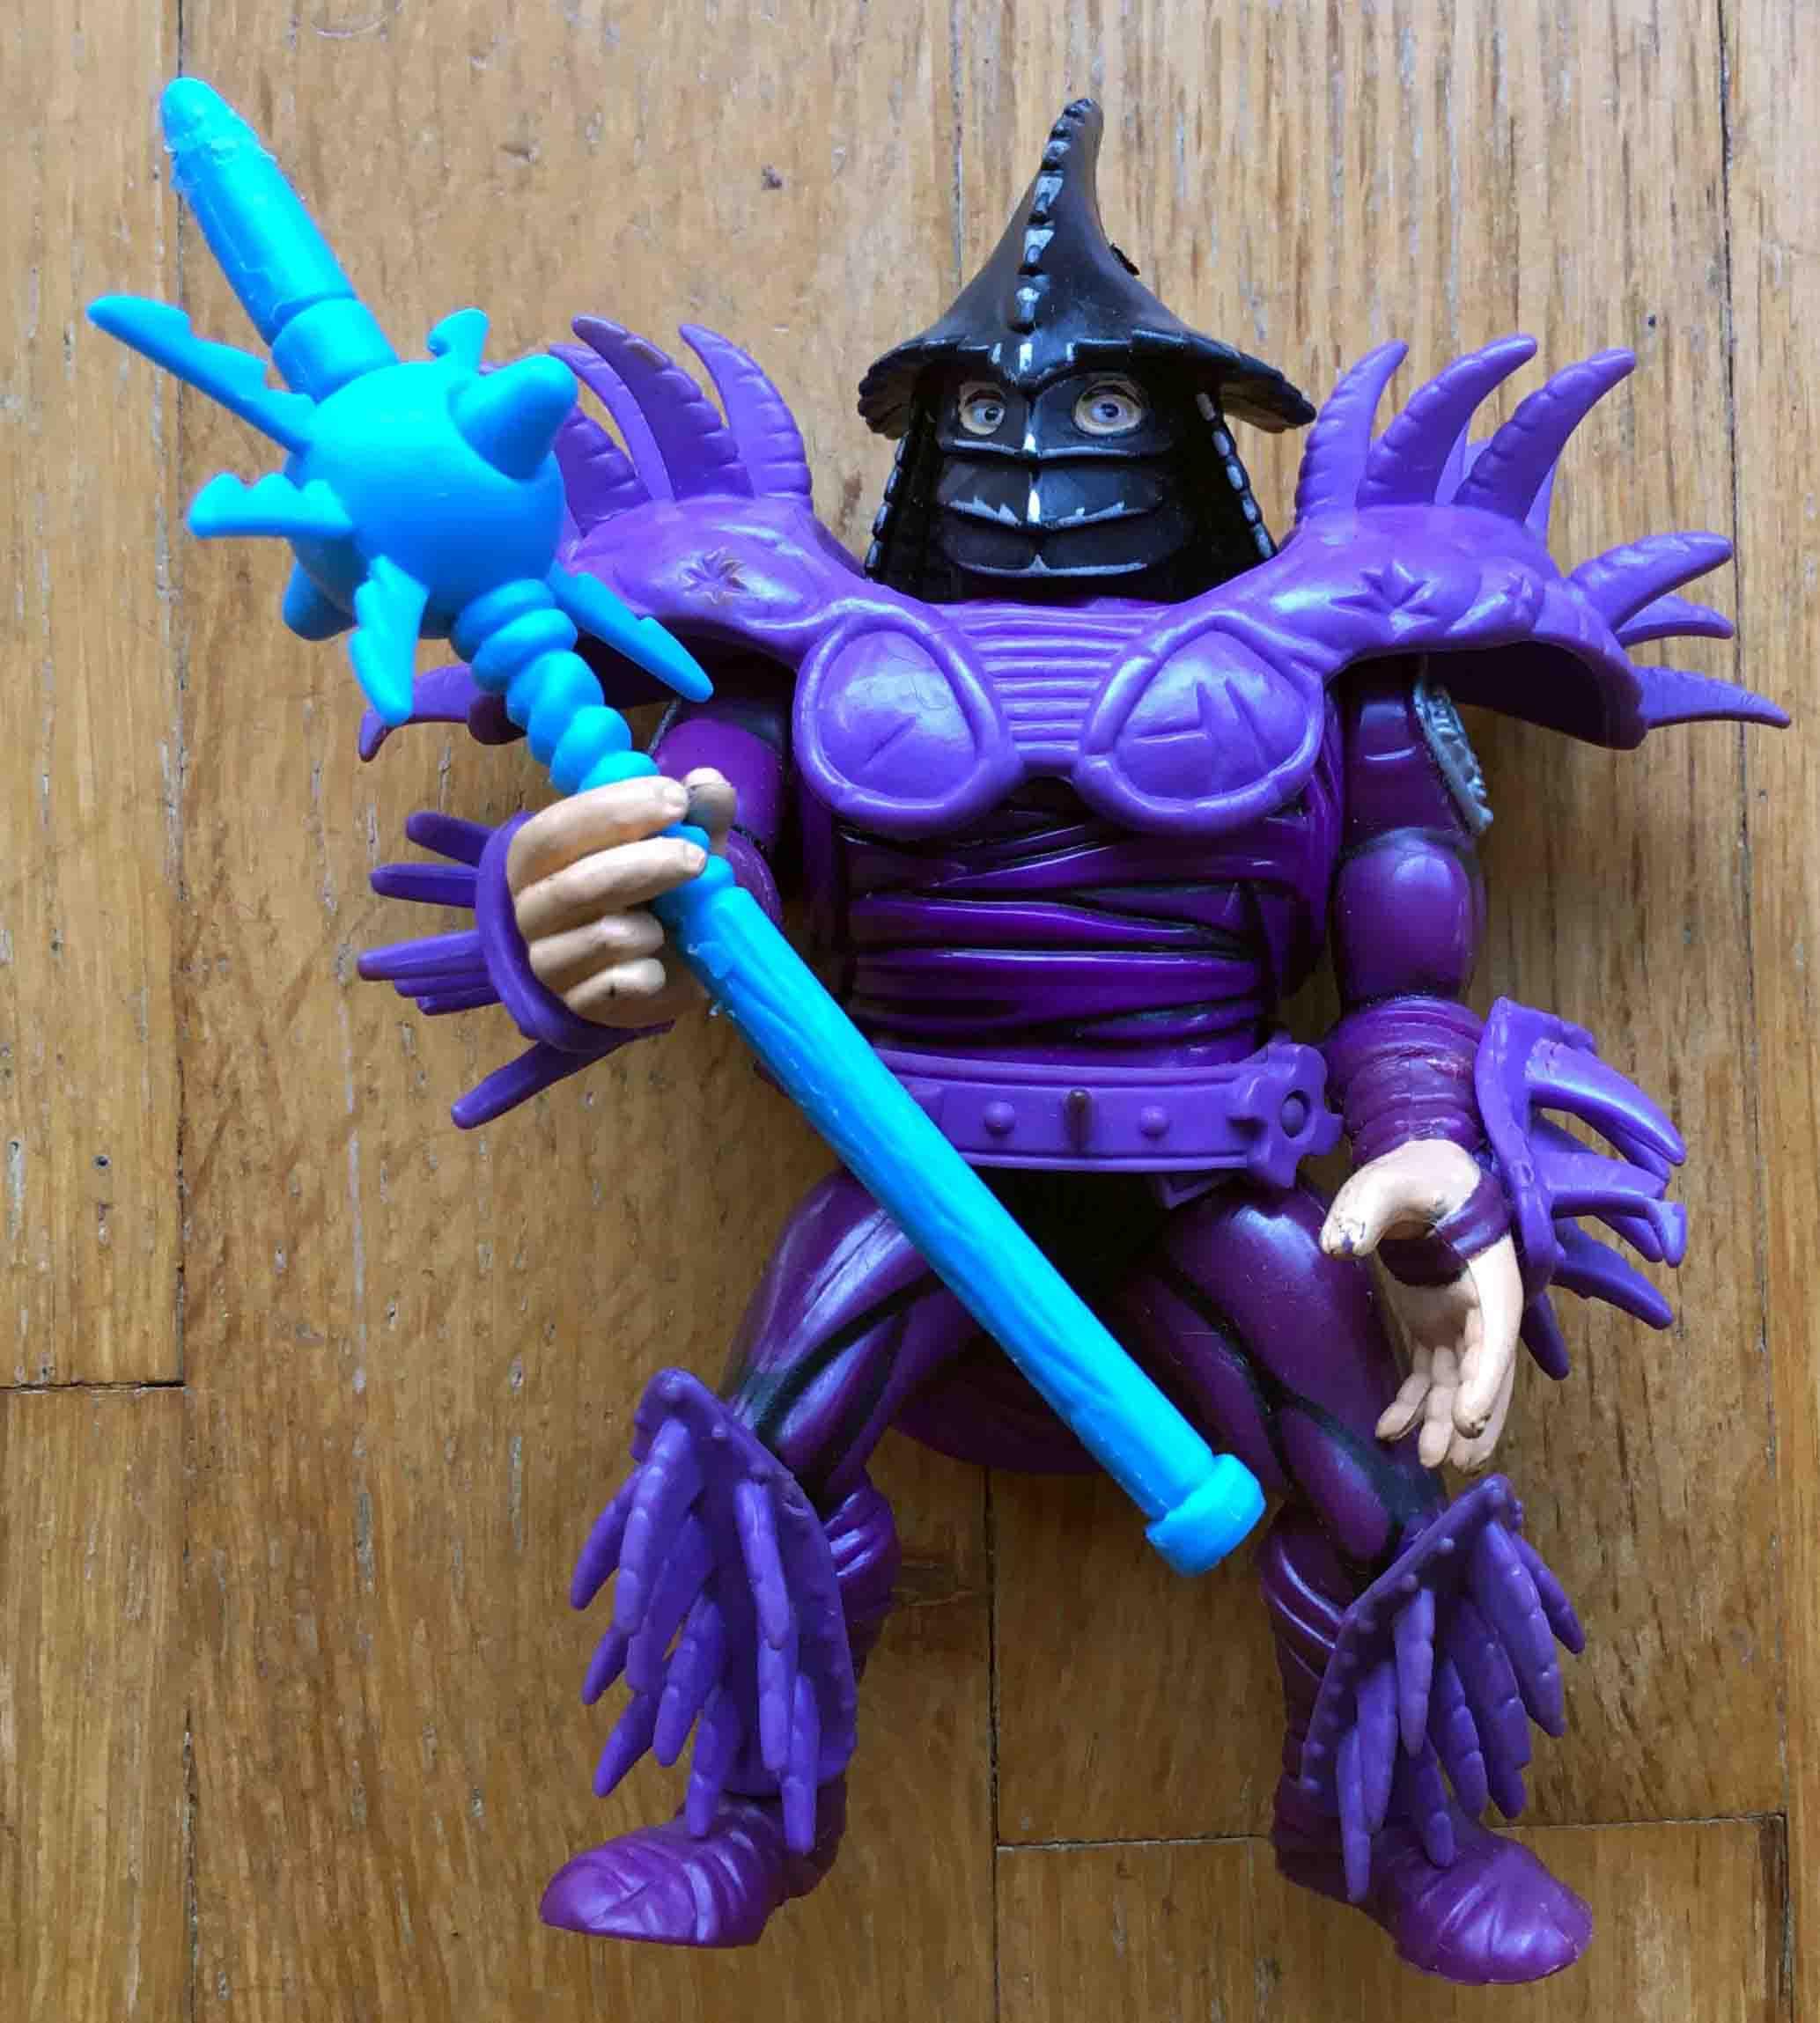 Most Valuable Teenage Mutant Ninja Turtles Action Figure Toys Price Guide Tmnt Kaptainmyke